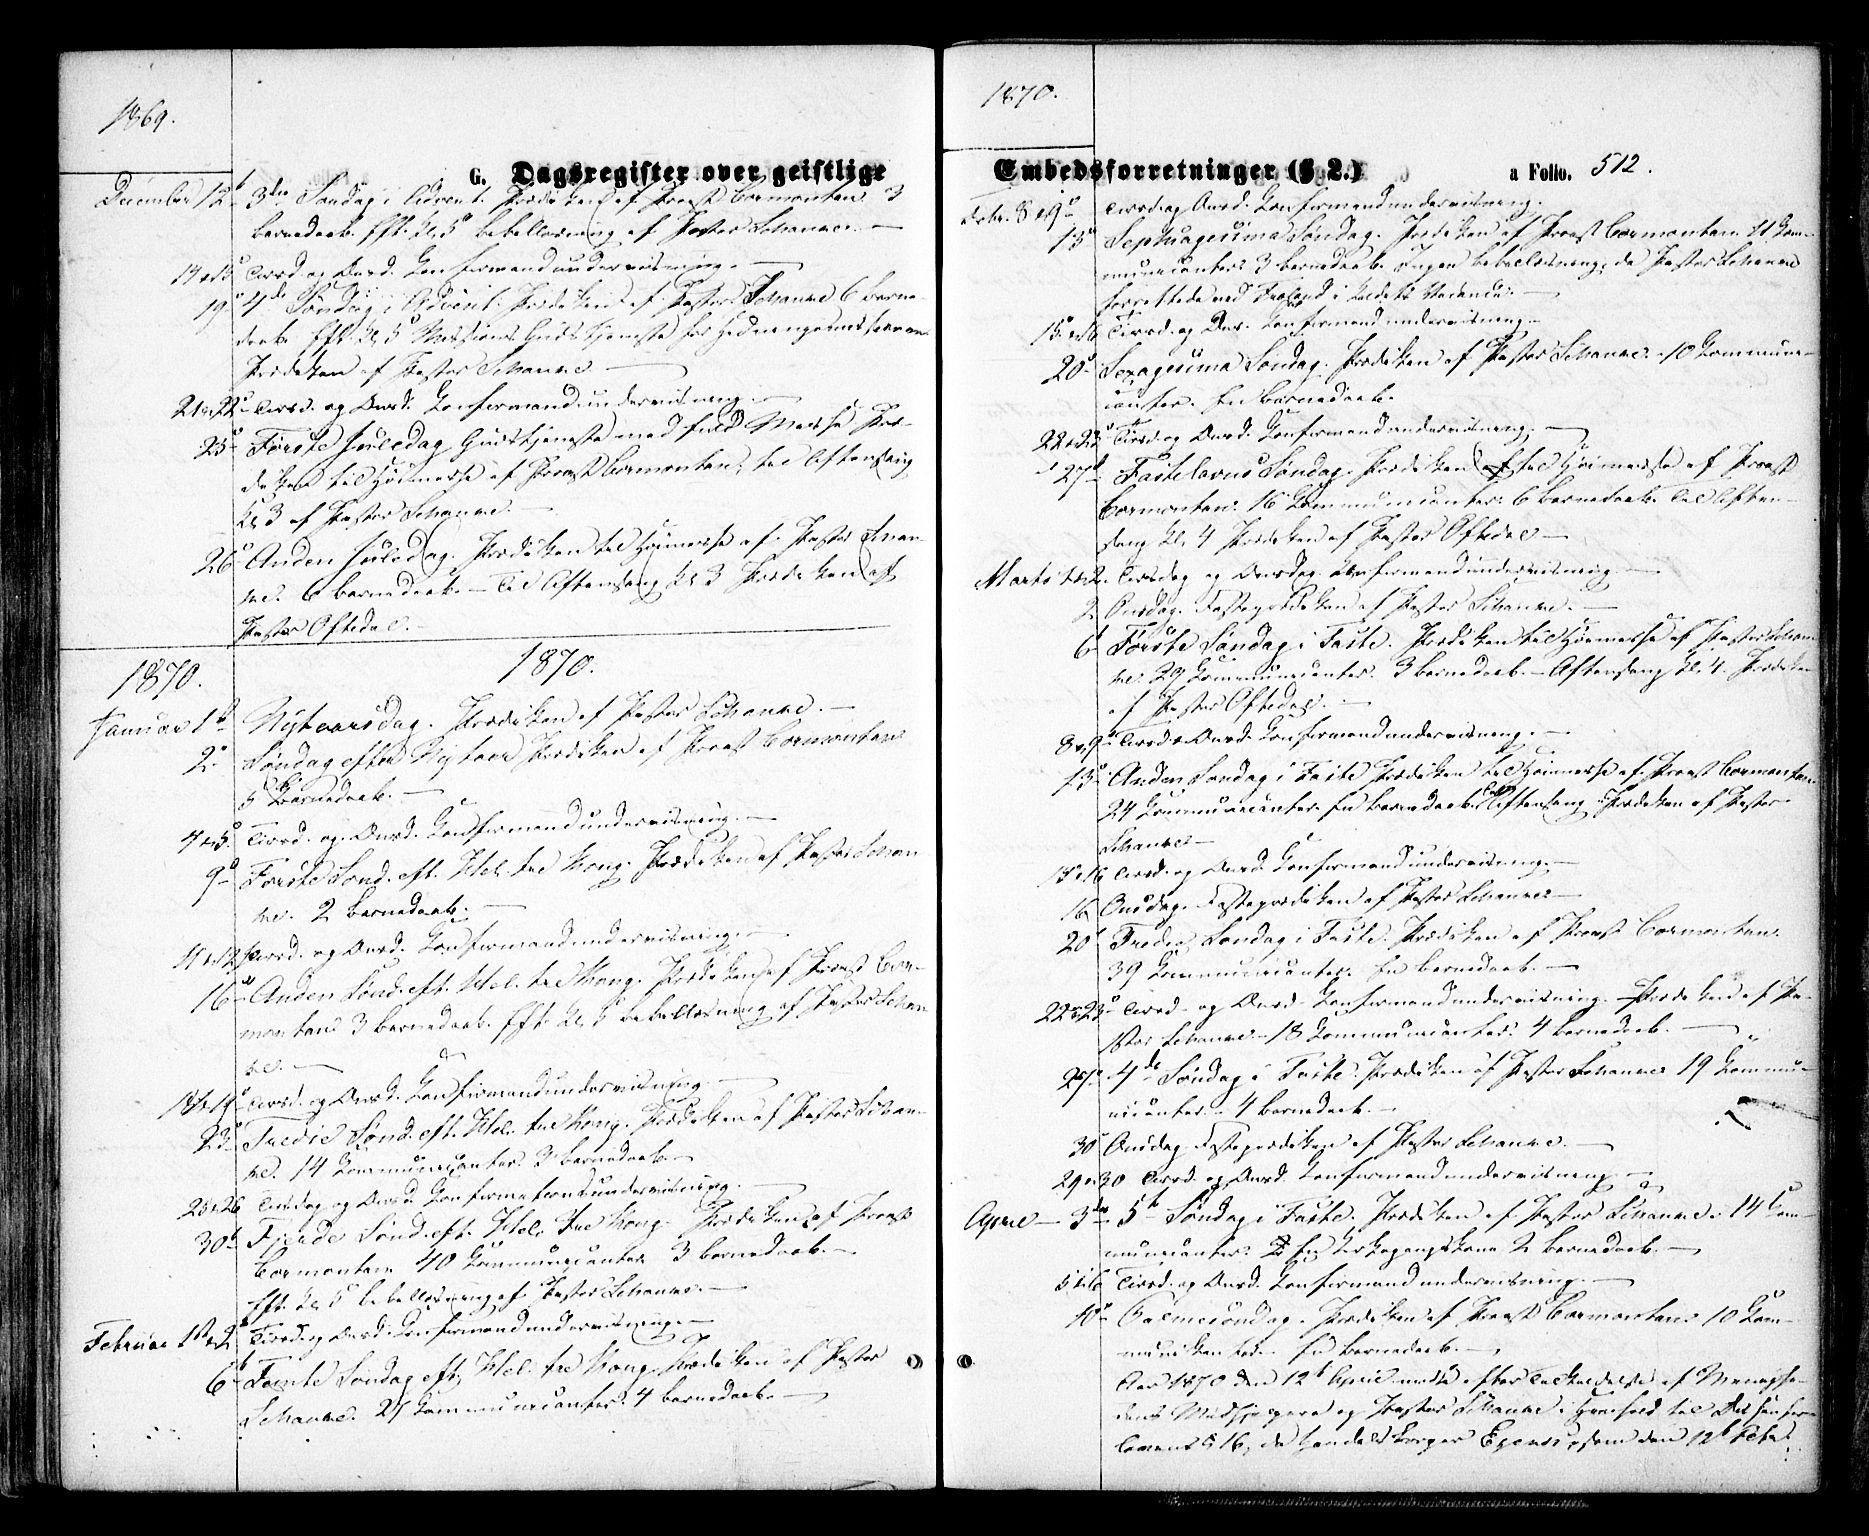 SAK, Arendal sokneprestkontor, Trefoldighet, F/Fa/L0007: Ministerialbok nr. A 7, 1868-1878, s. 512